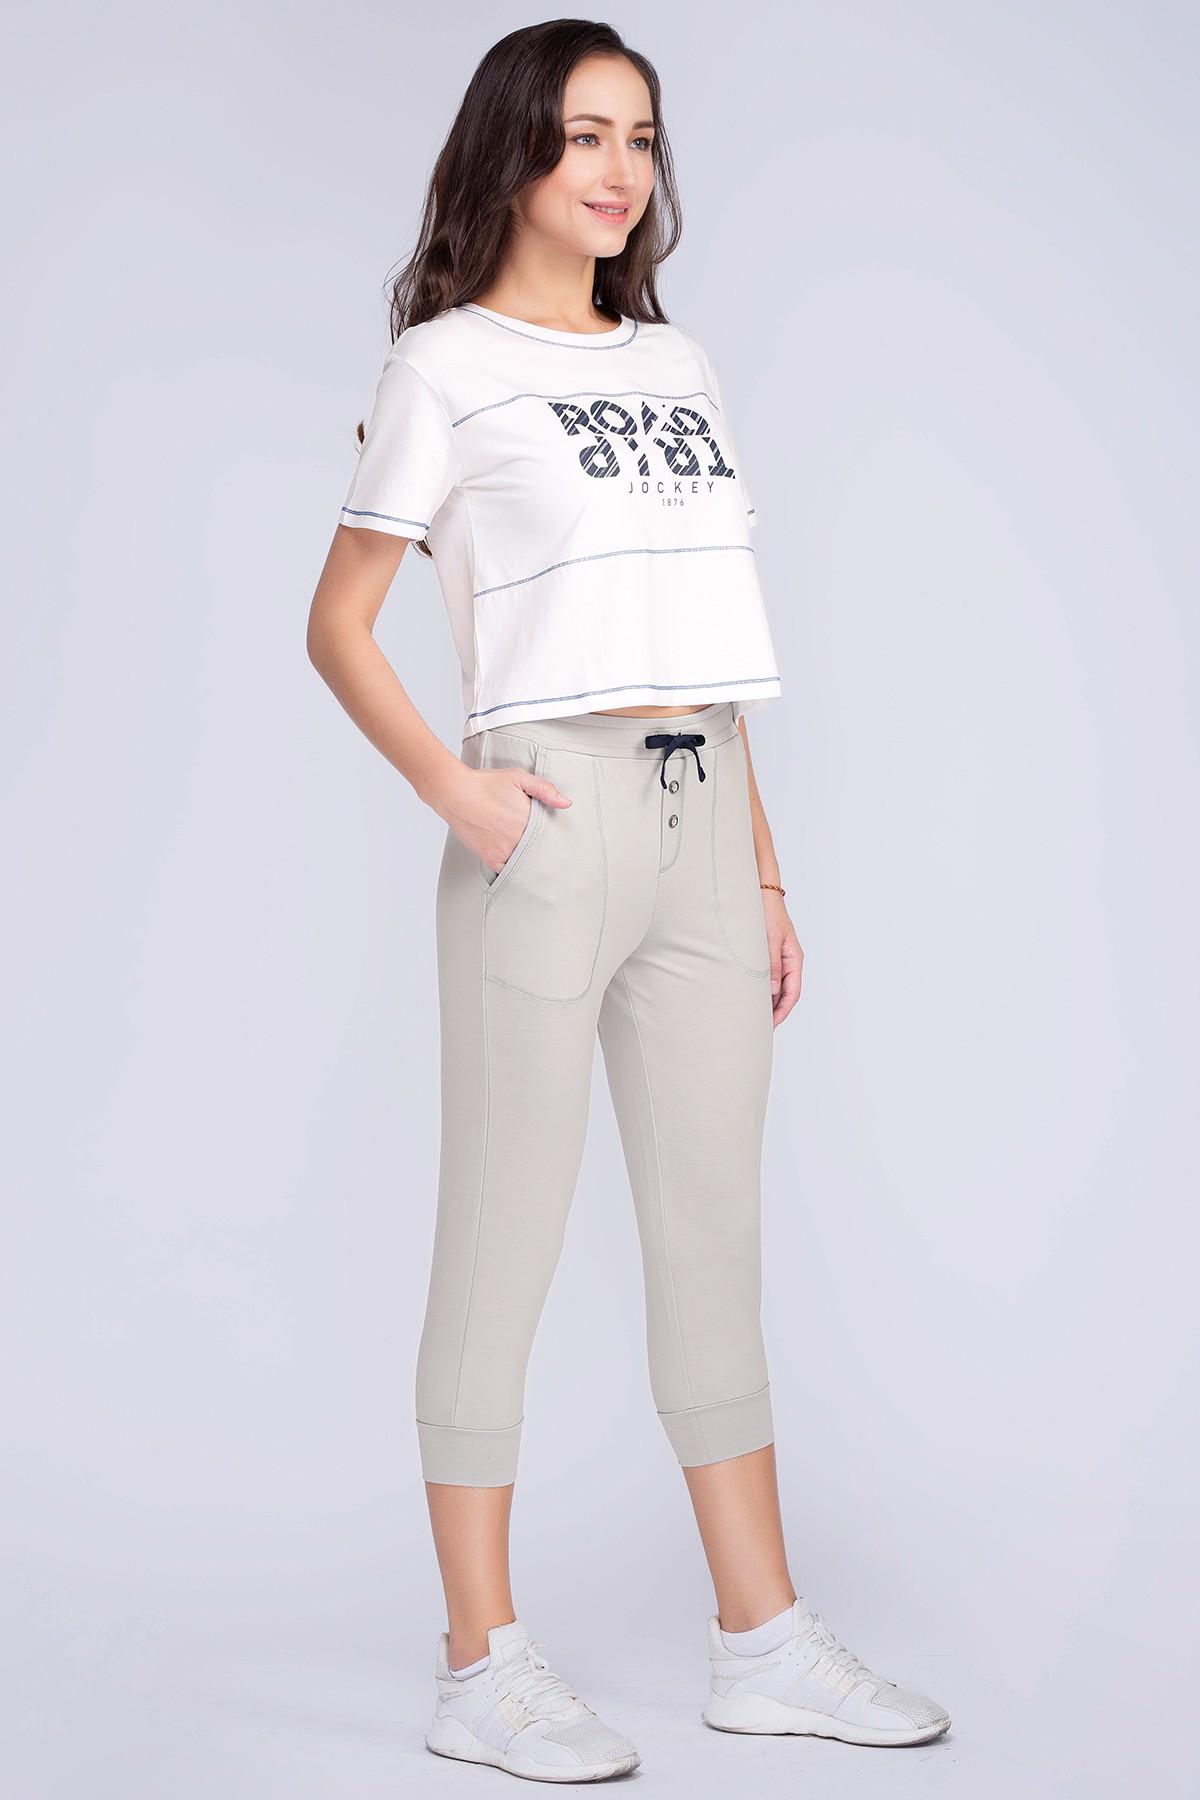 Quần nữ Crop pants 0120